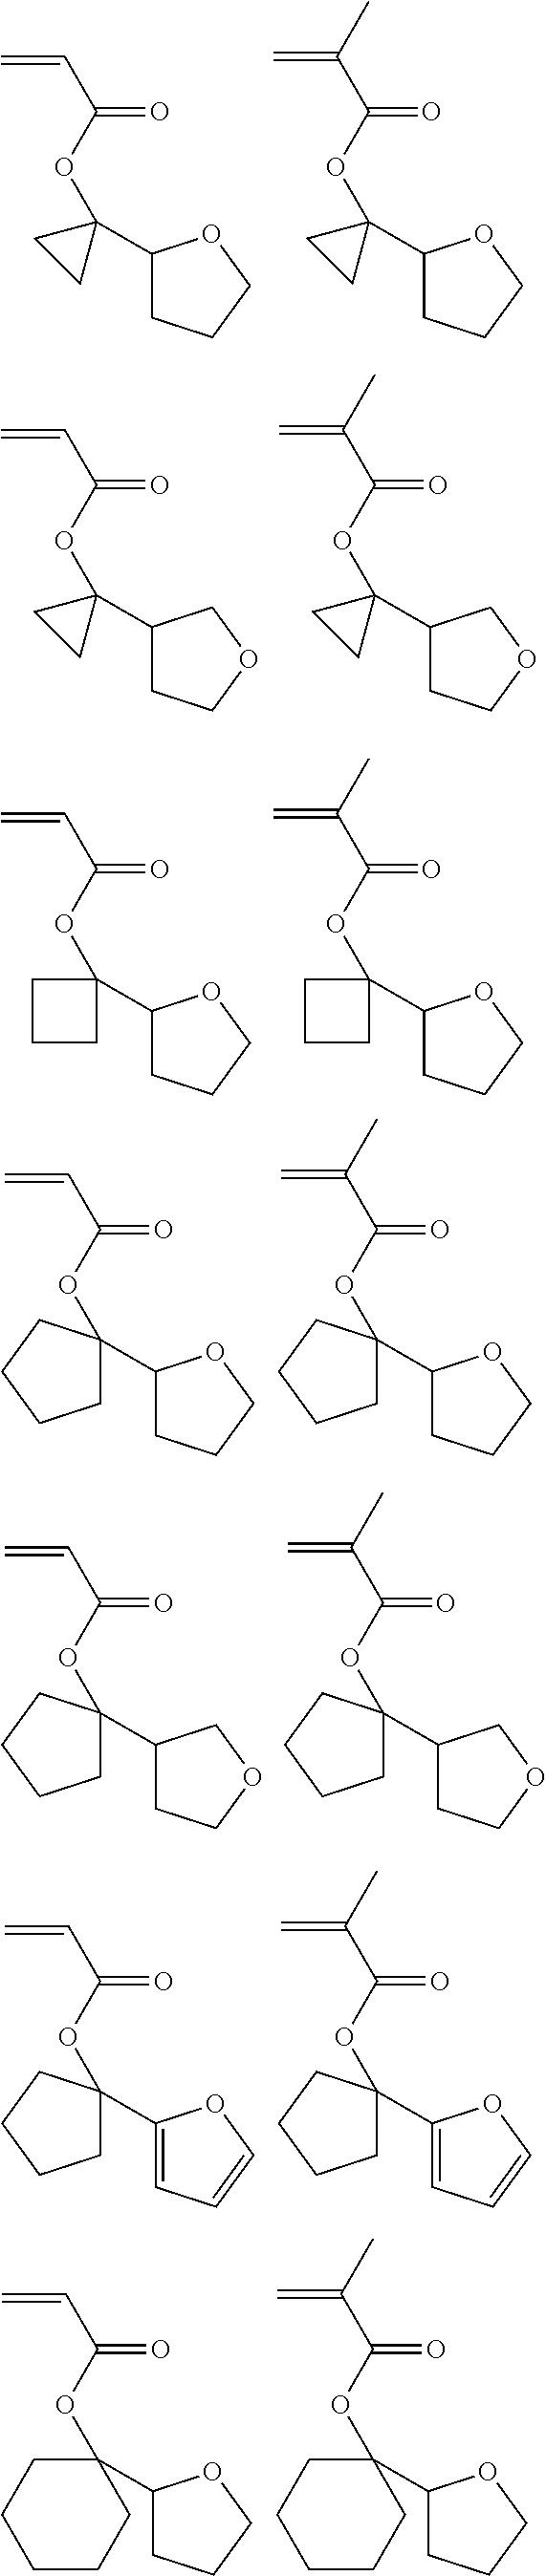 Figure US20110294070A1-20111201-C00060